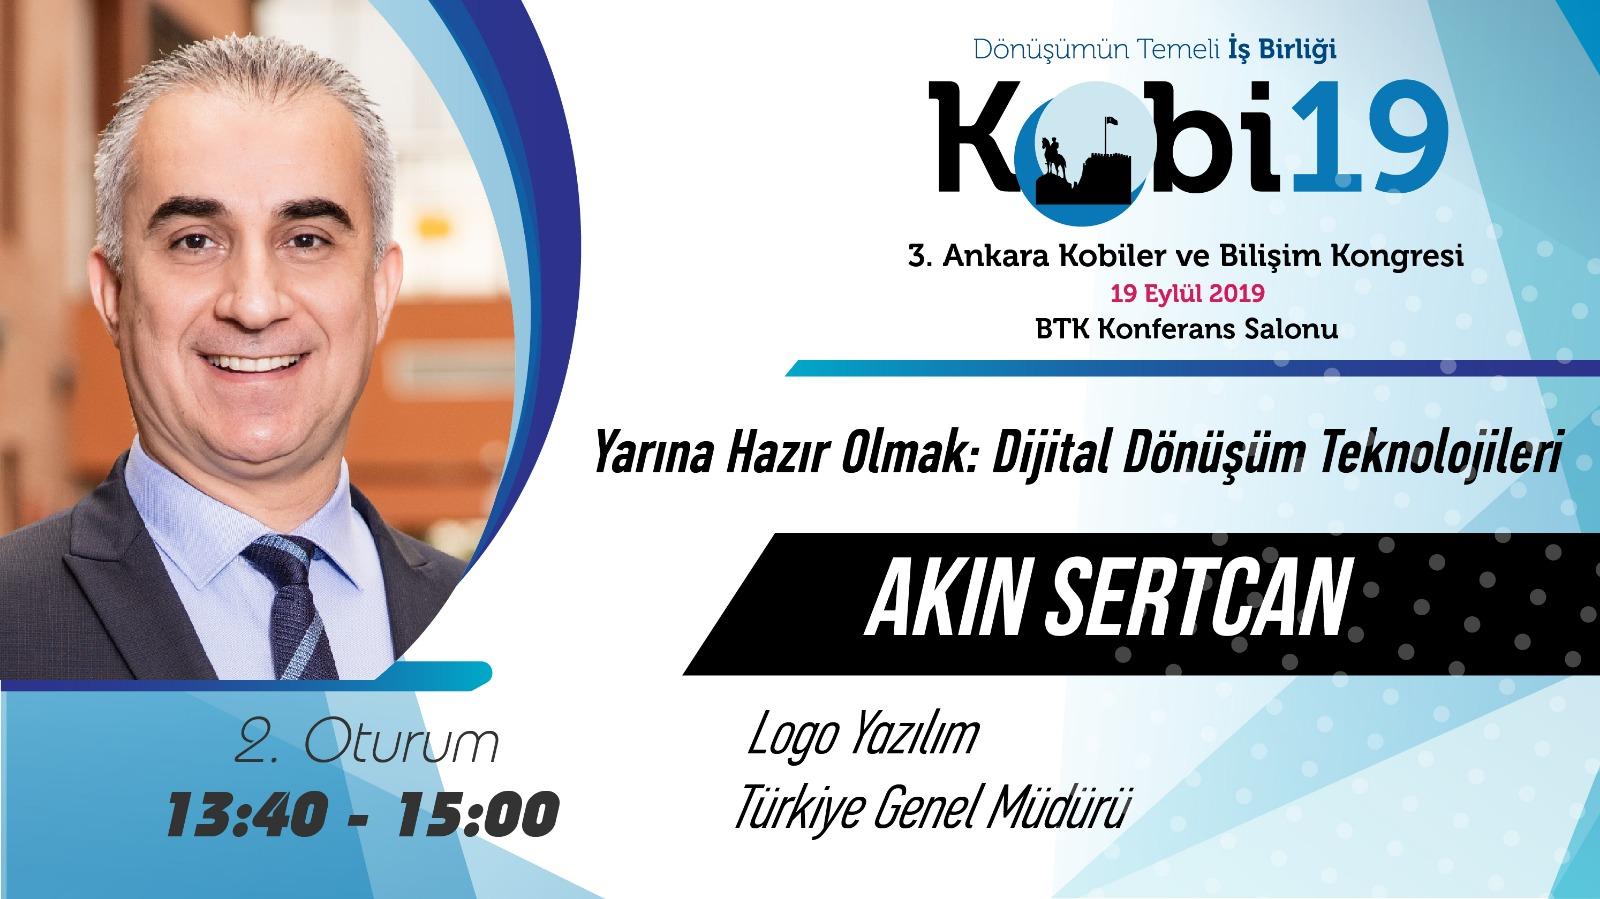 Akın SERTCAN - 3. Ankara Kobiler ve Bilişim Kongresi 2019